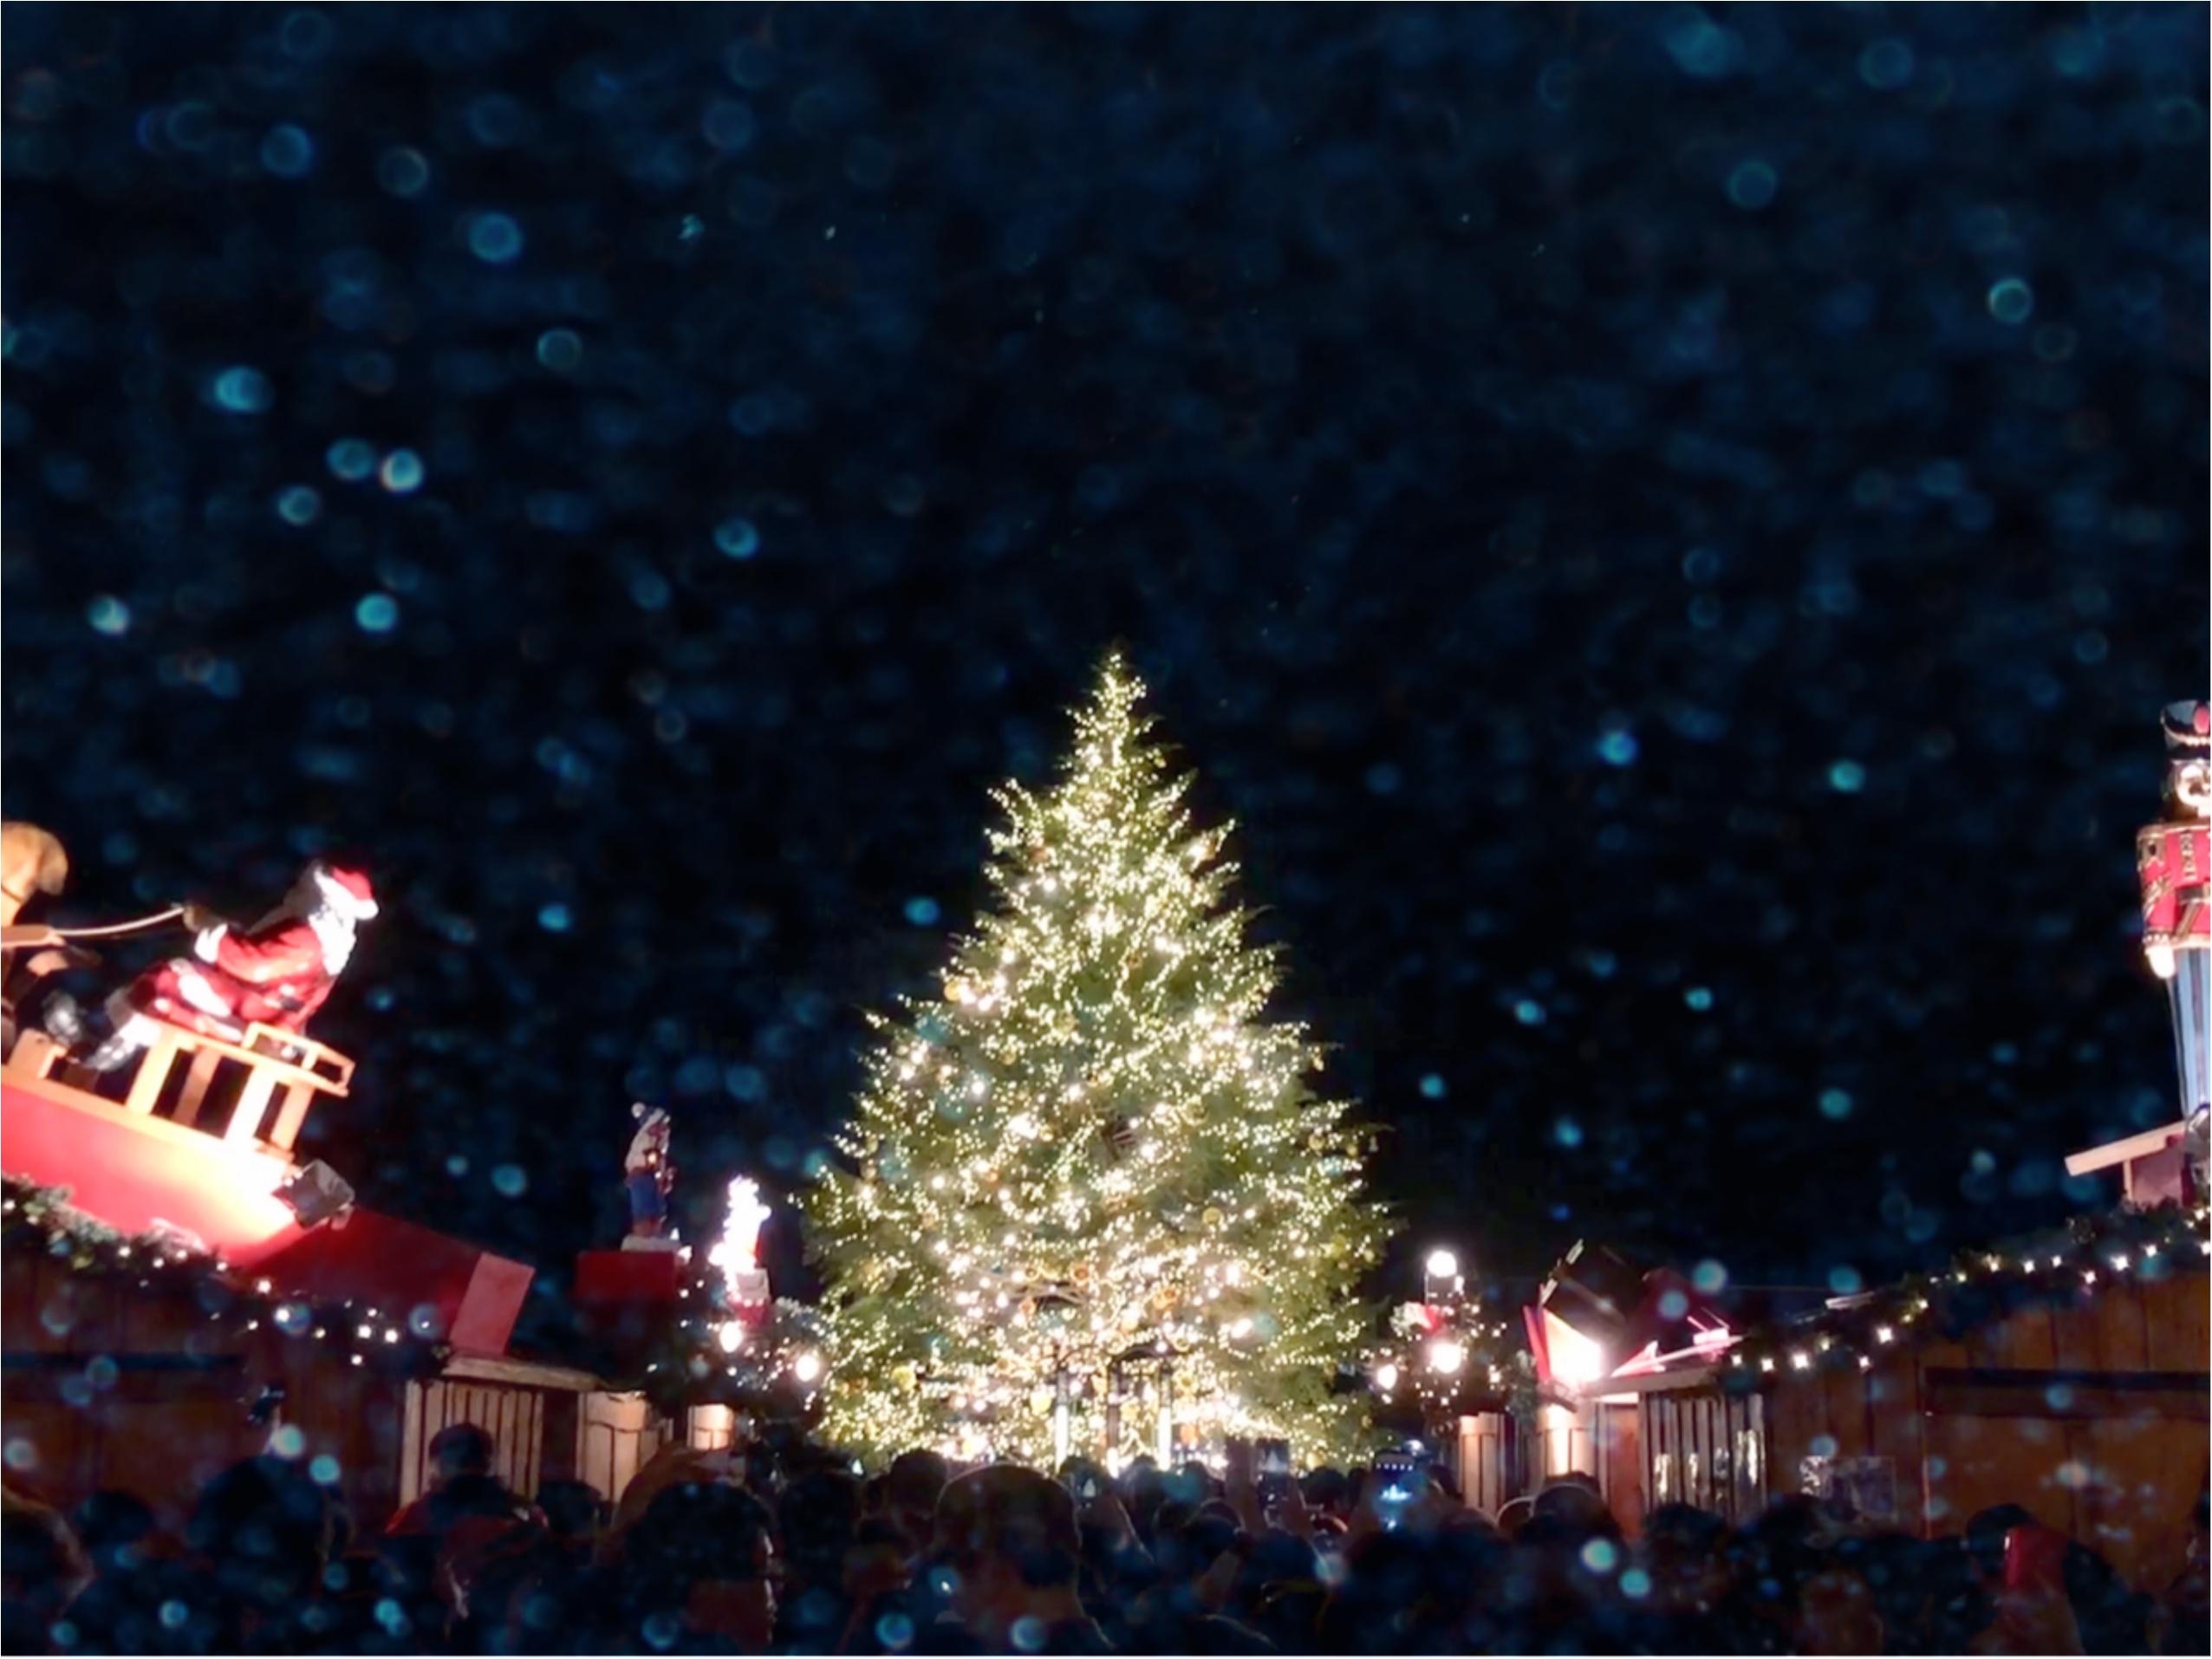 横浜赤レンガ倉庫【クリスマスマーケット】点灯式に行きました!_4